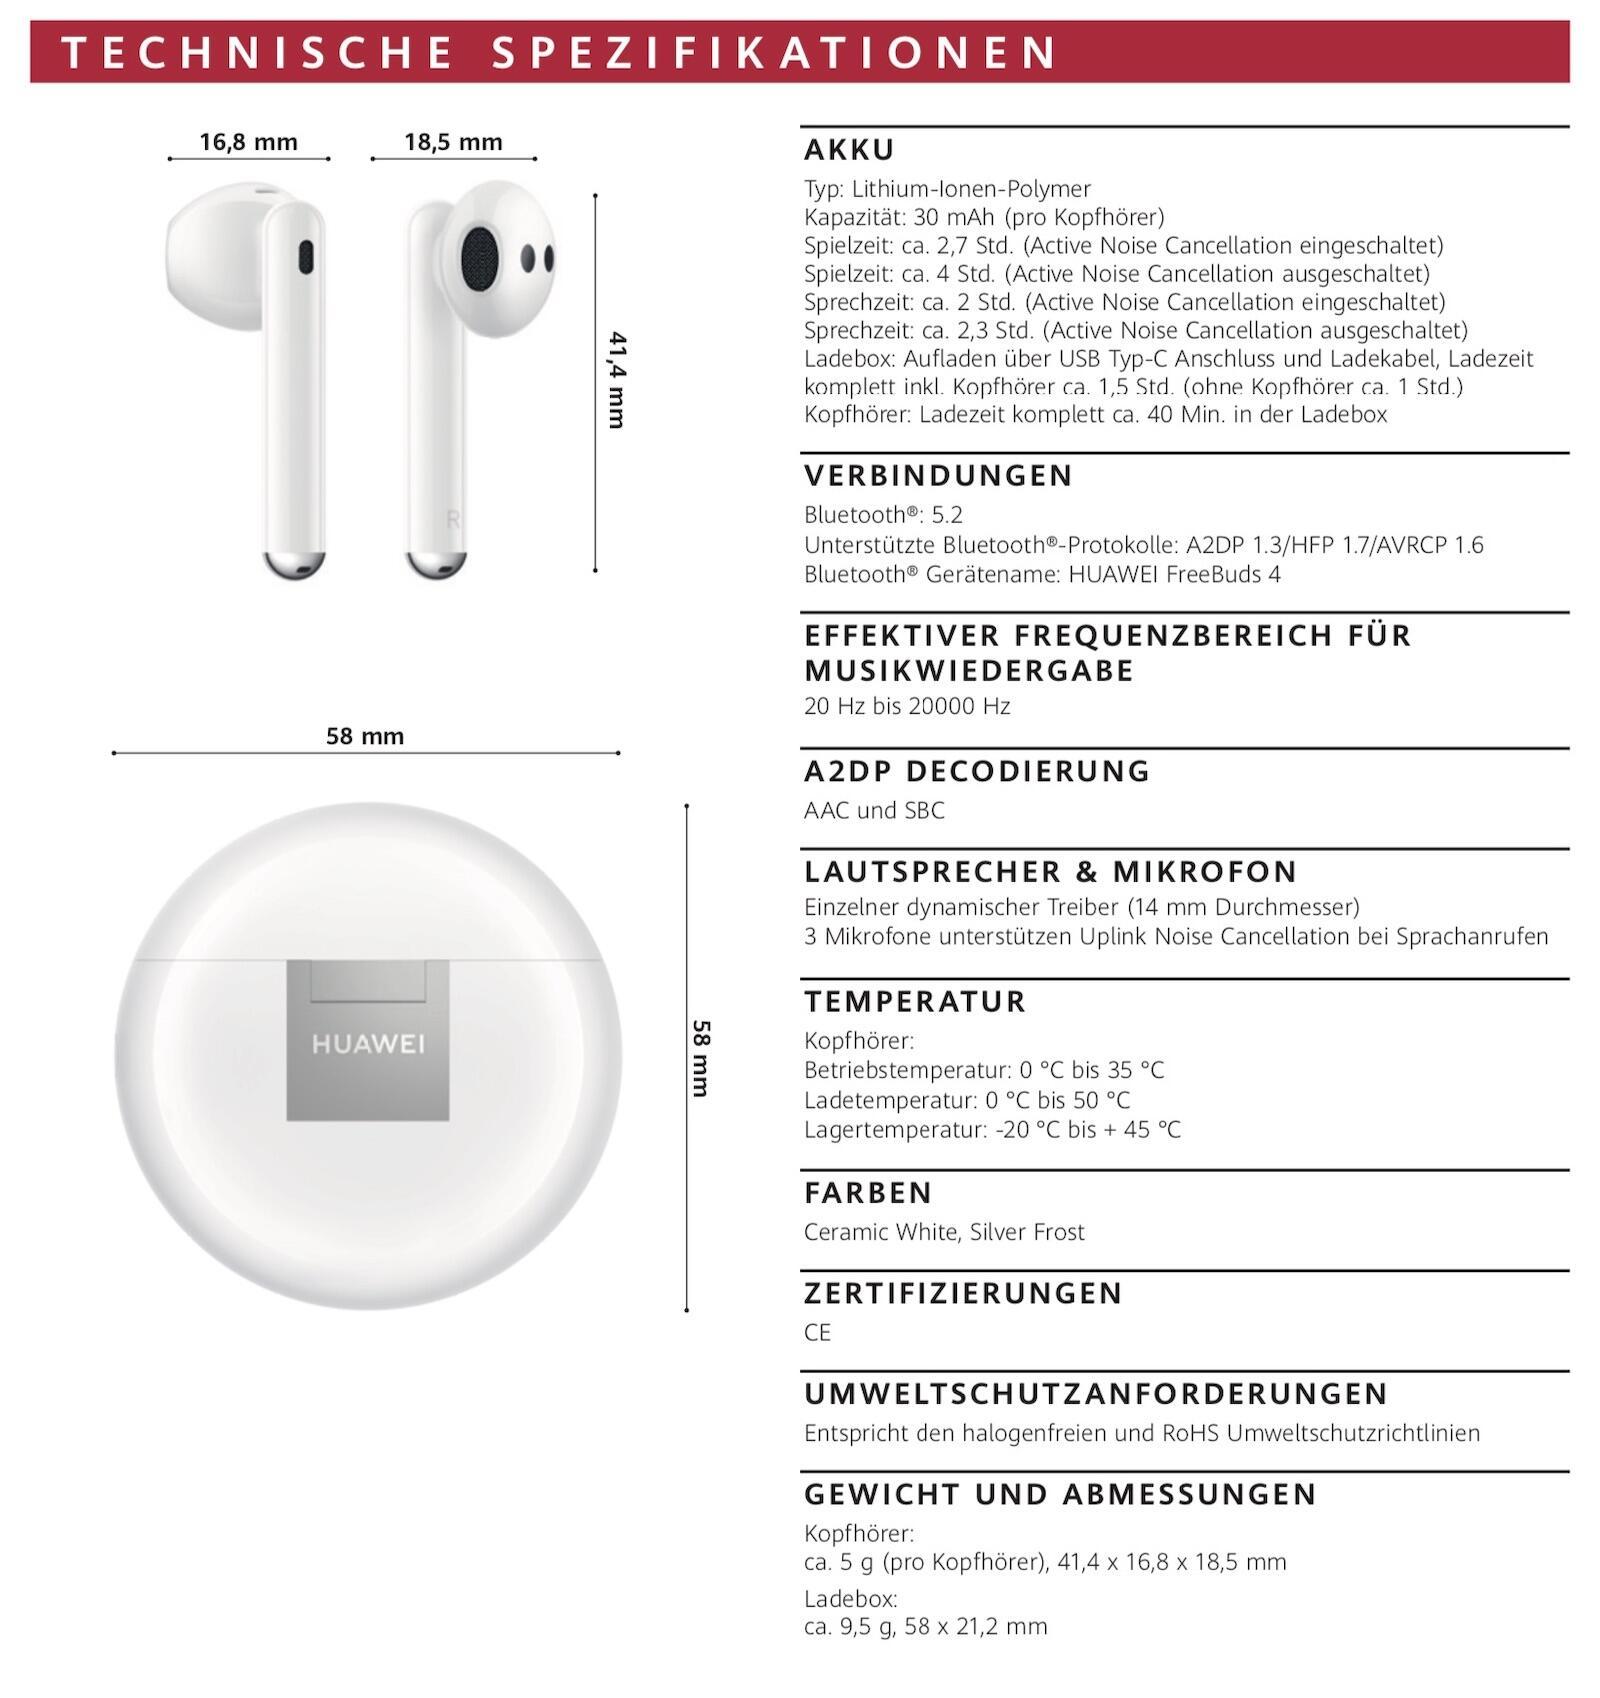 Huawei Freebuds 4 Specs